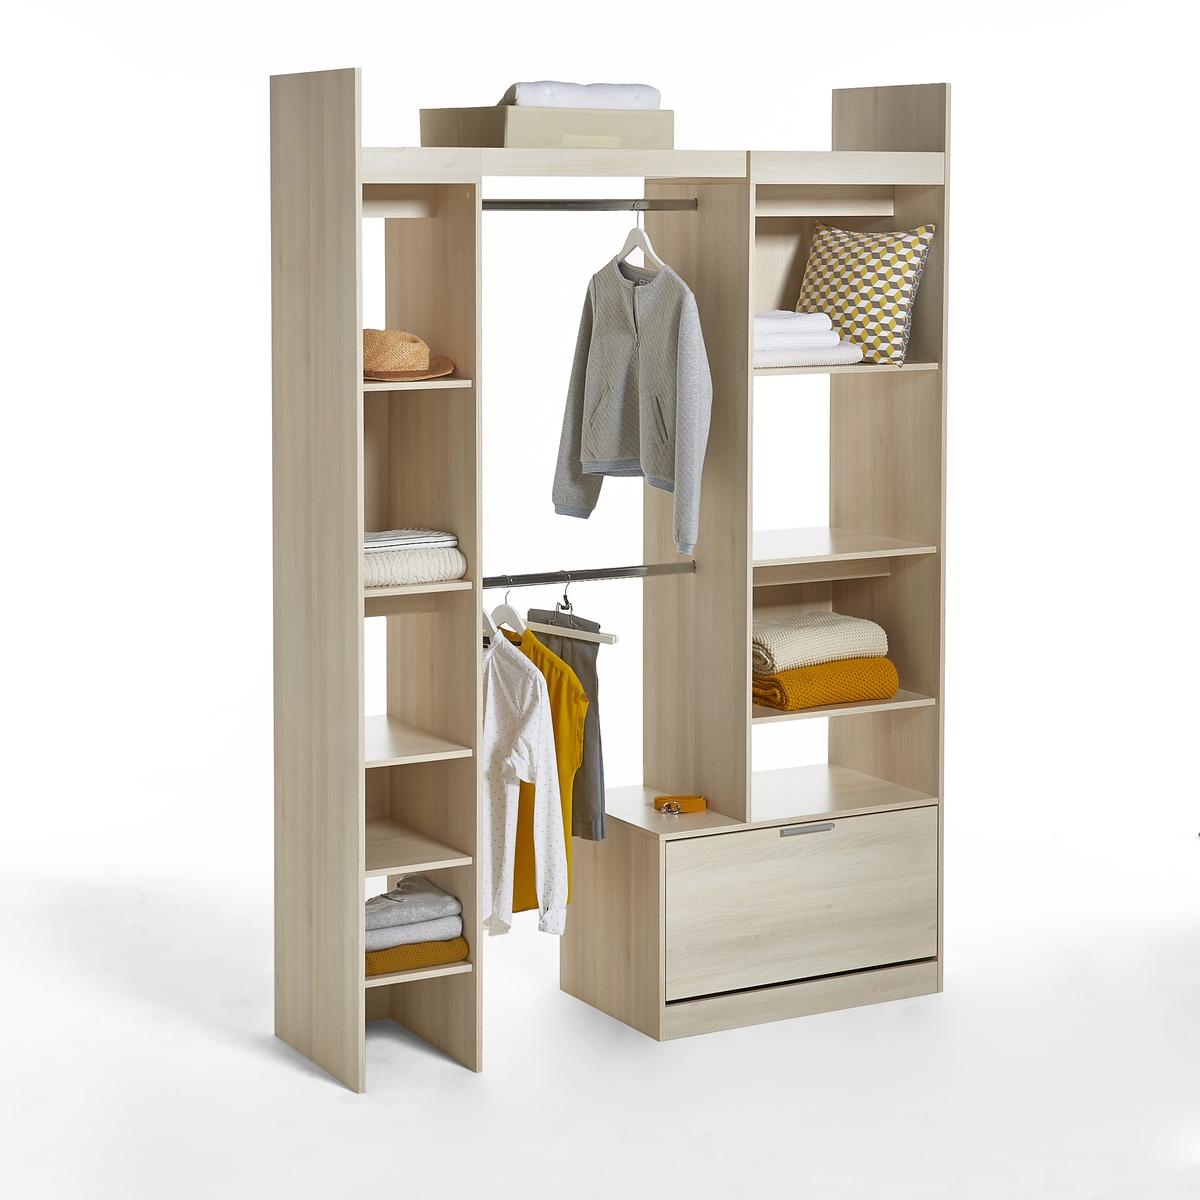 Шкаф LaRedoute Платяной модульный с этажерками и 2 отделениями для вешалок Yann единый размер каштановый